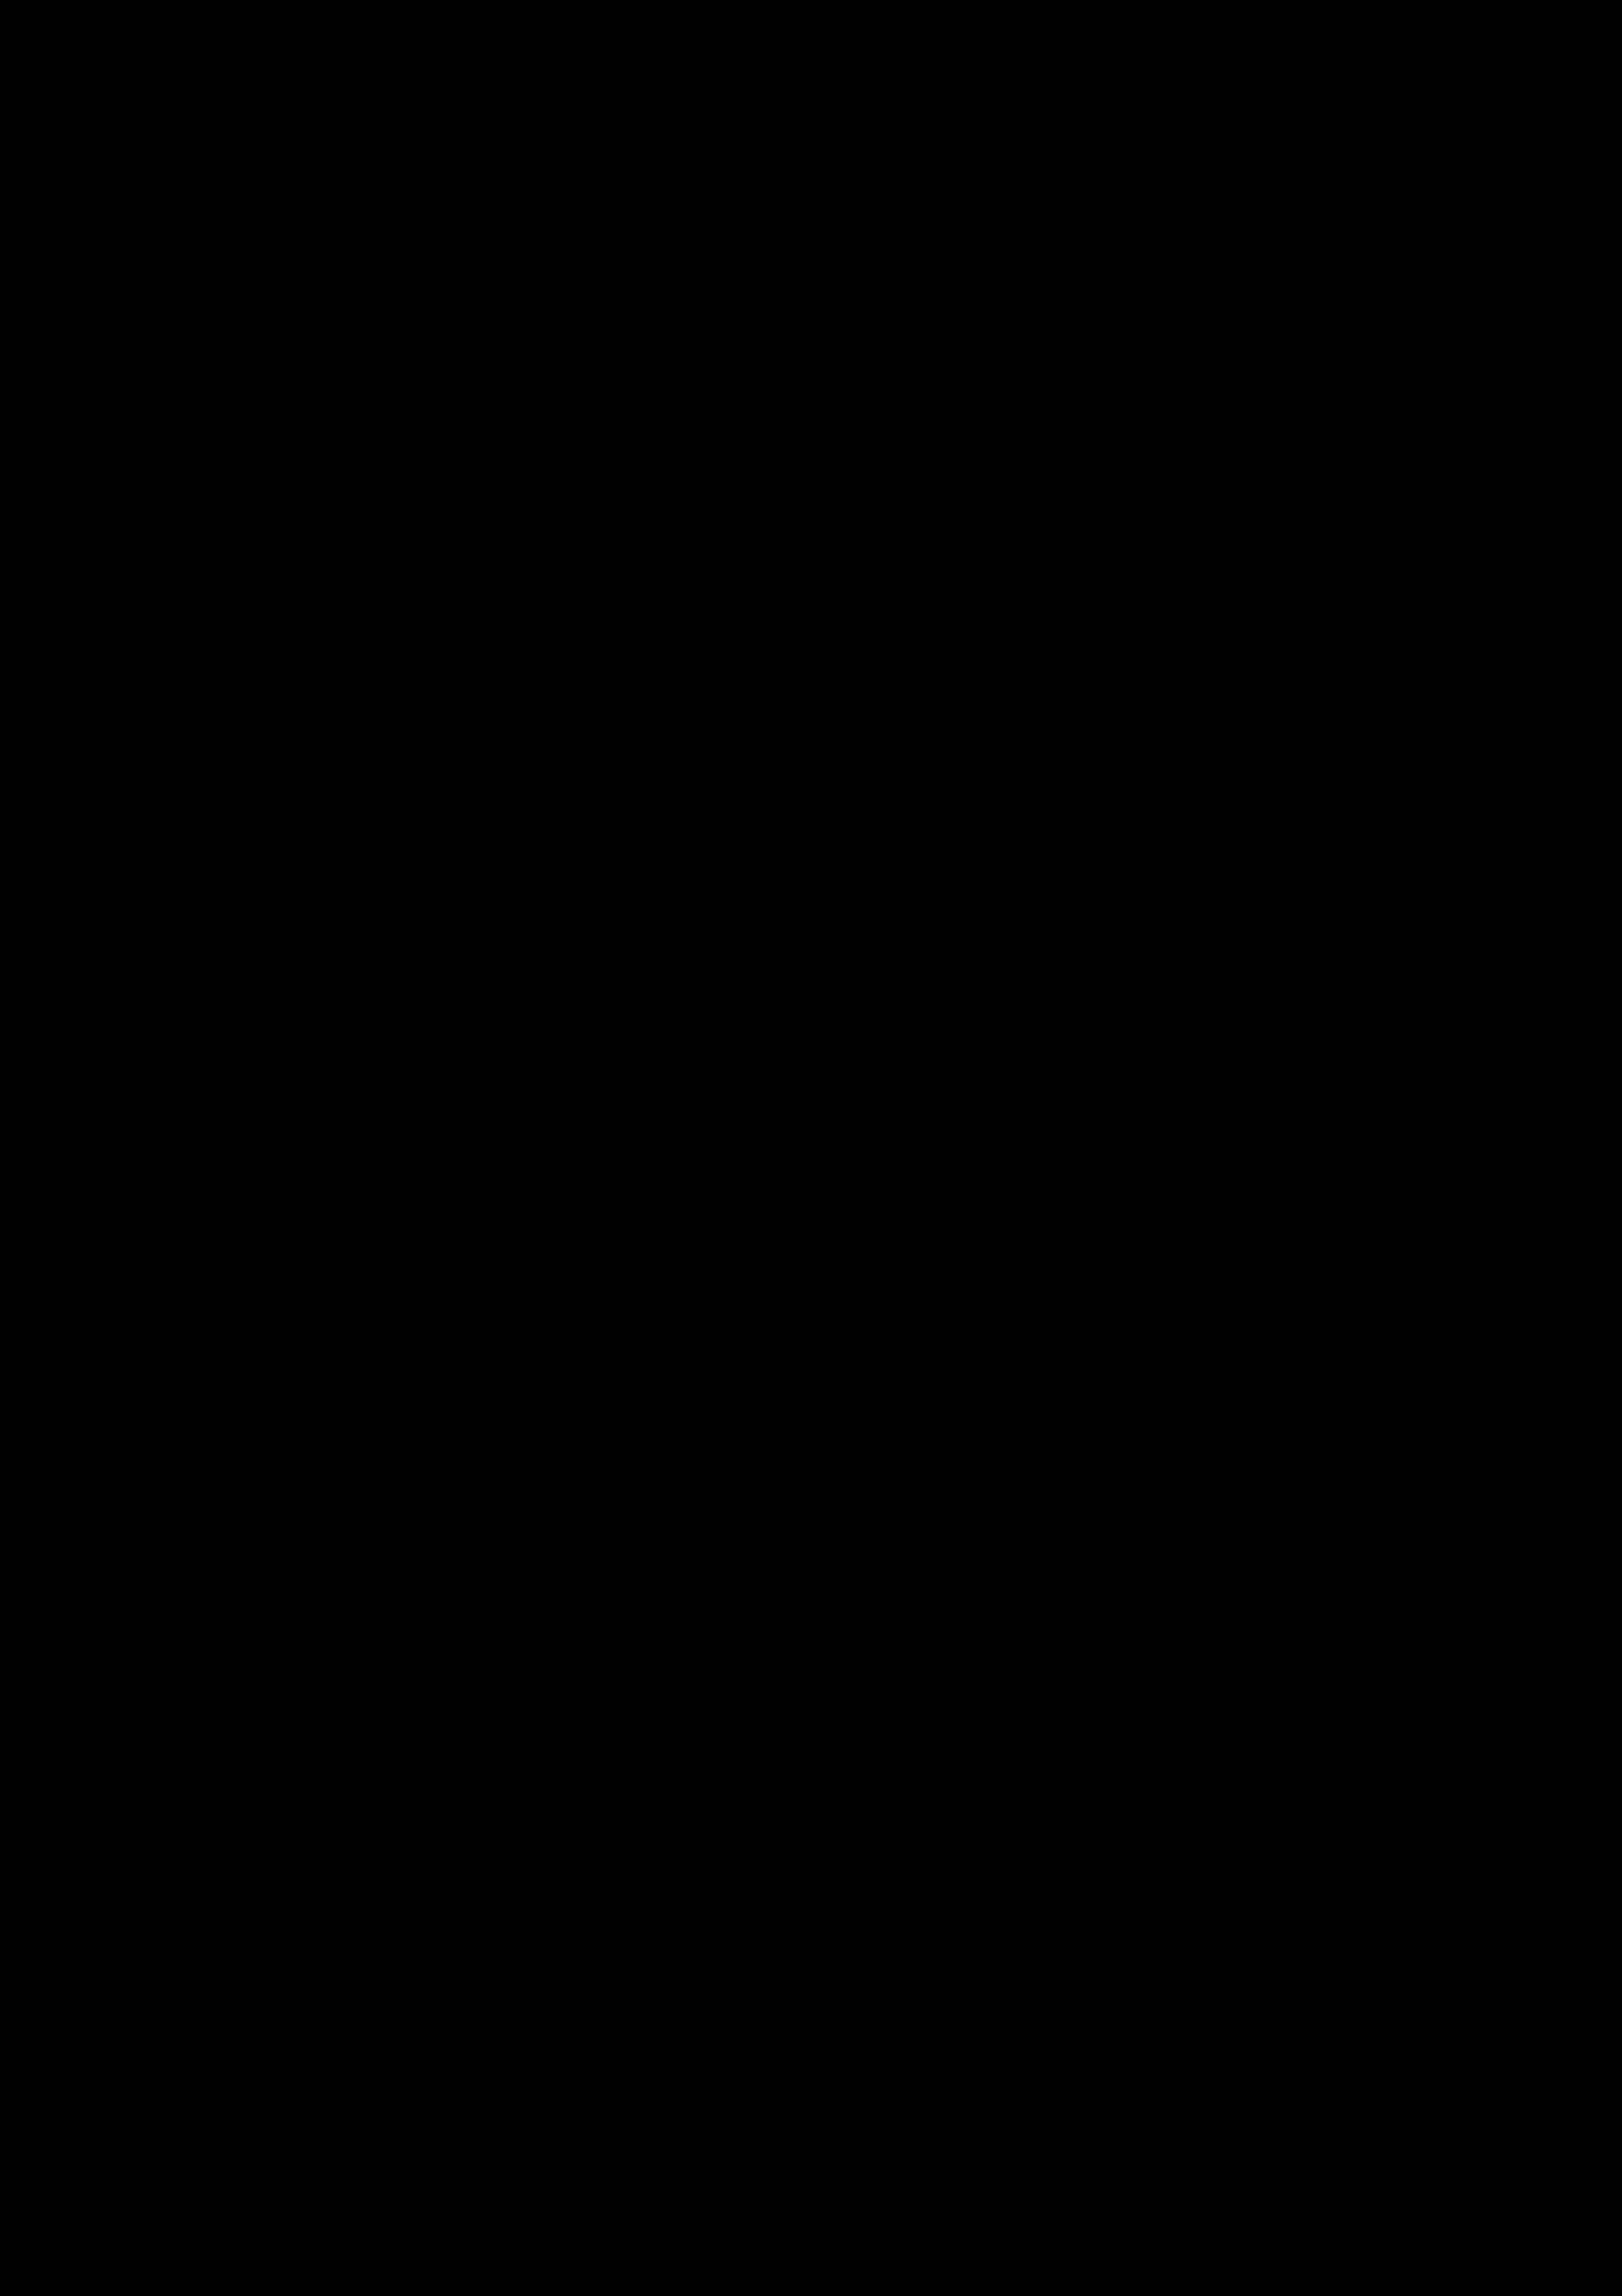 La Commune de Paris, ce premier gouvernement ouvrier avec ses leçons, est toujours d'actualité.